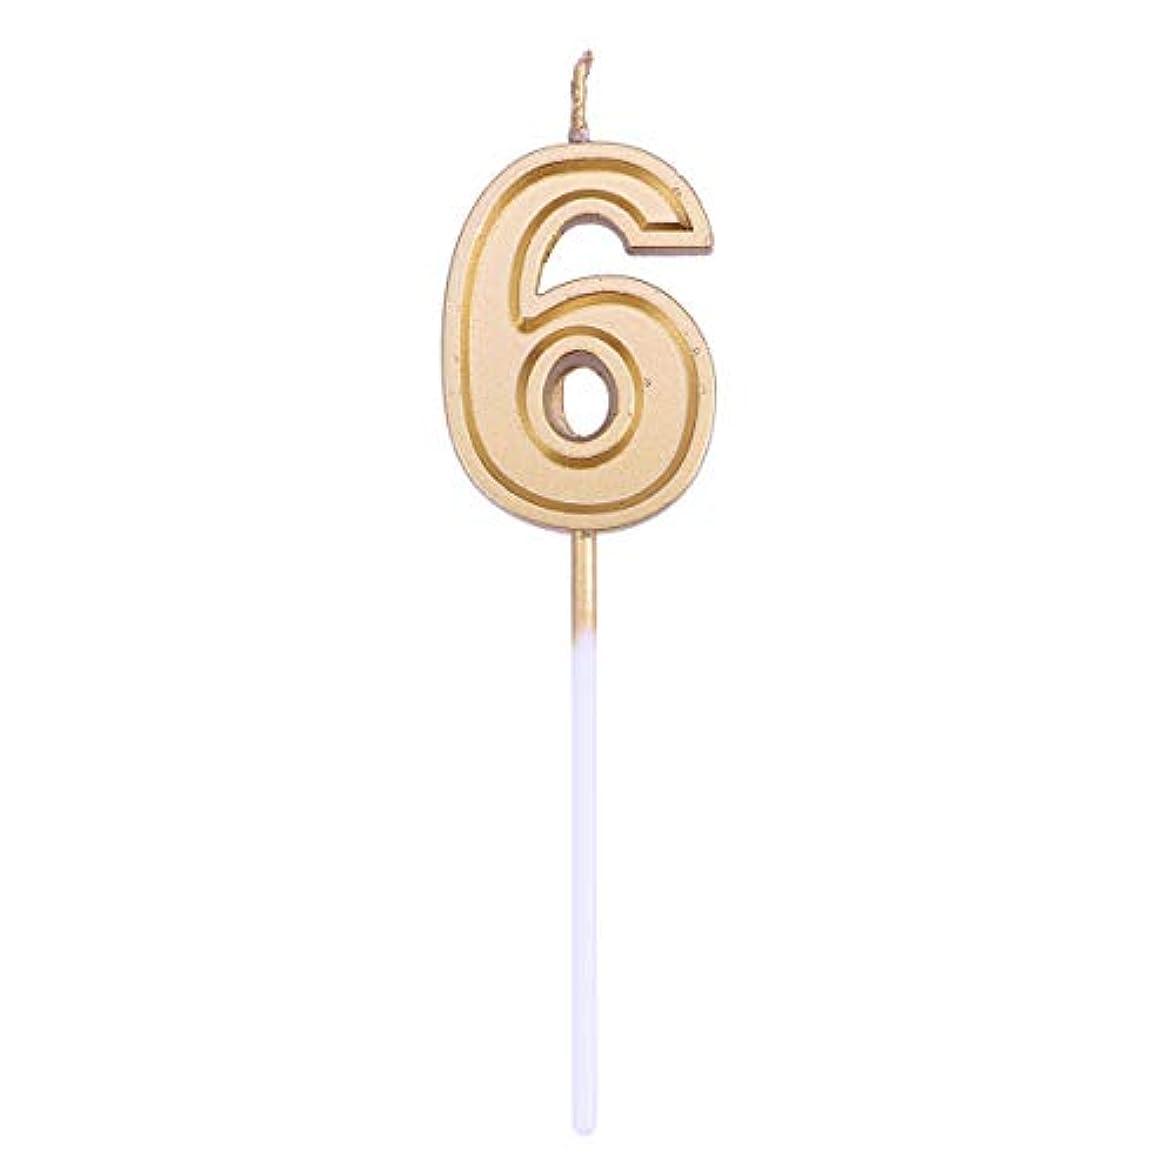 南西ファウル維持するToyvian ゴールドラメ誕生日おめでとう数字キャンドル番号キャンドルケーキトッパー装飾用大人キッズパーティー(番号6)